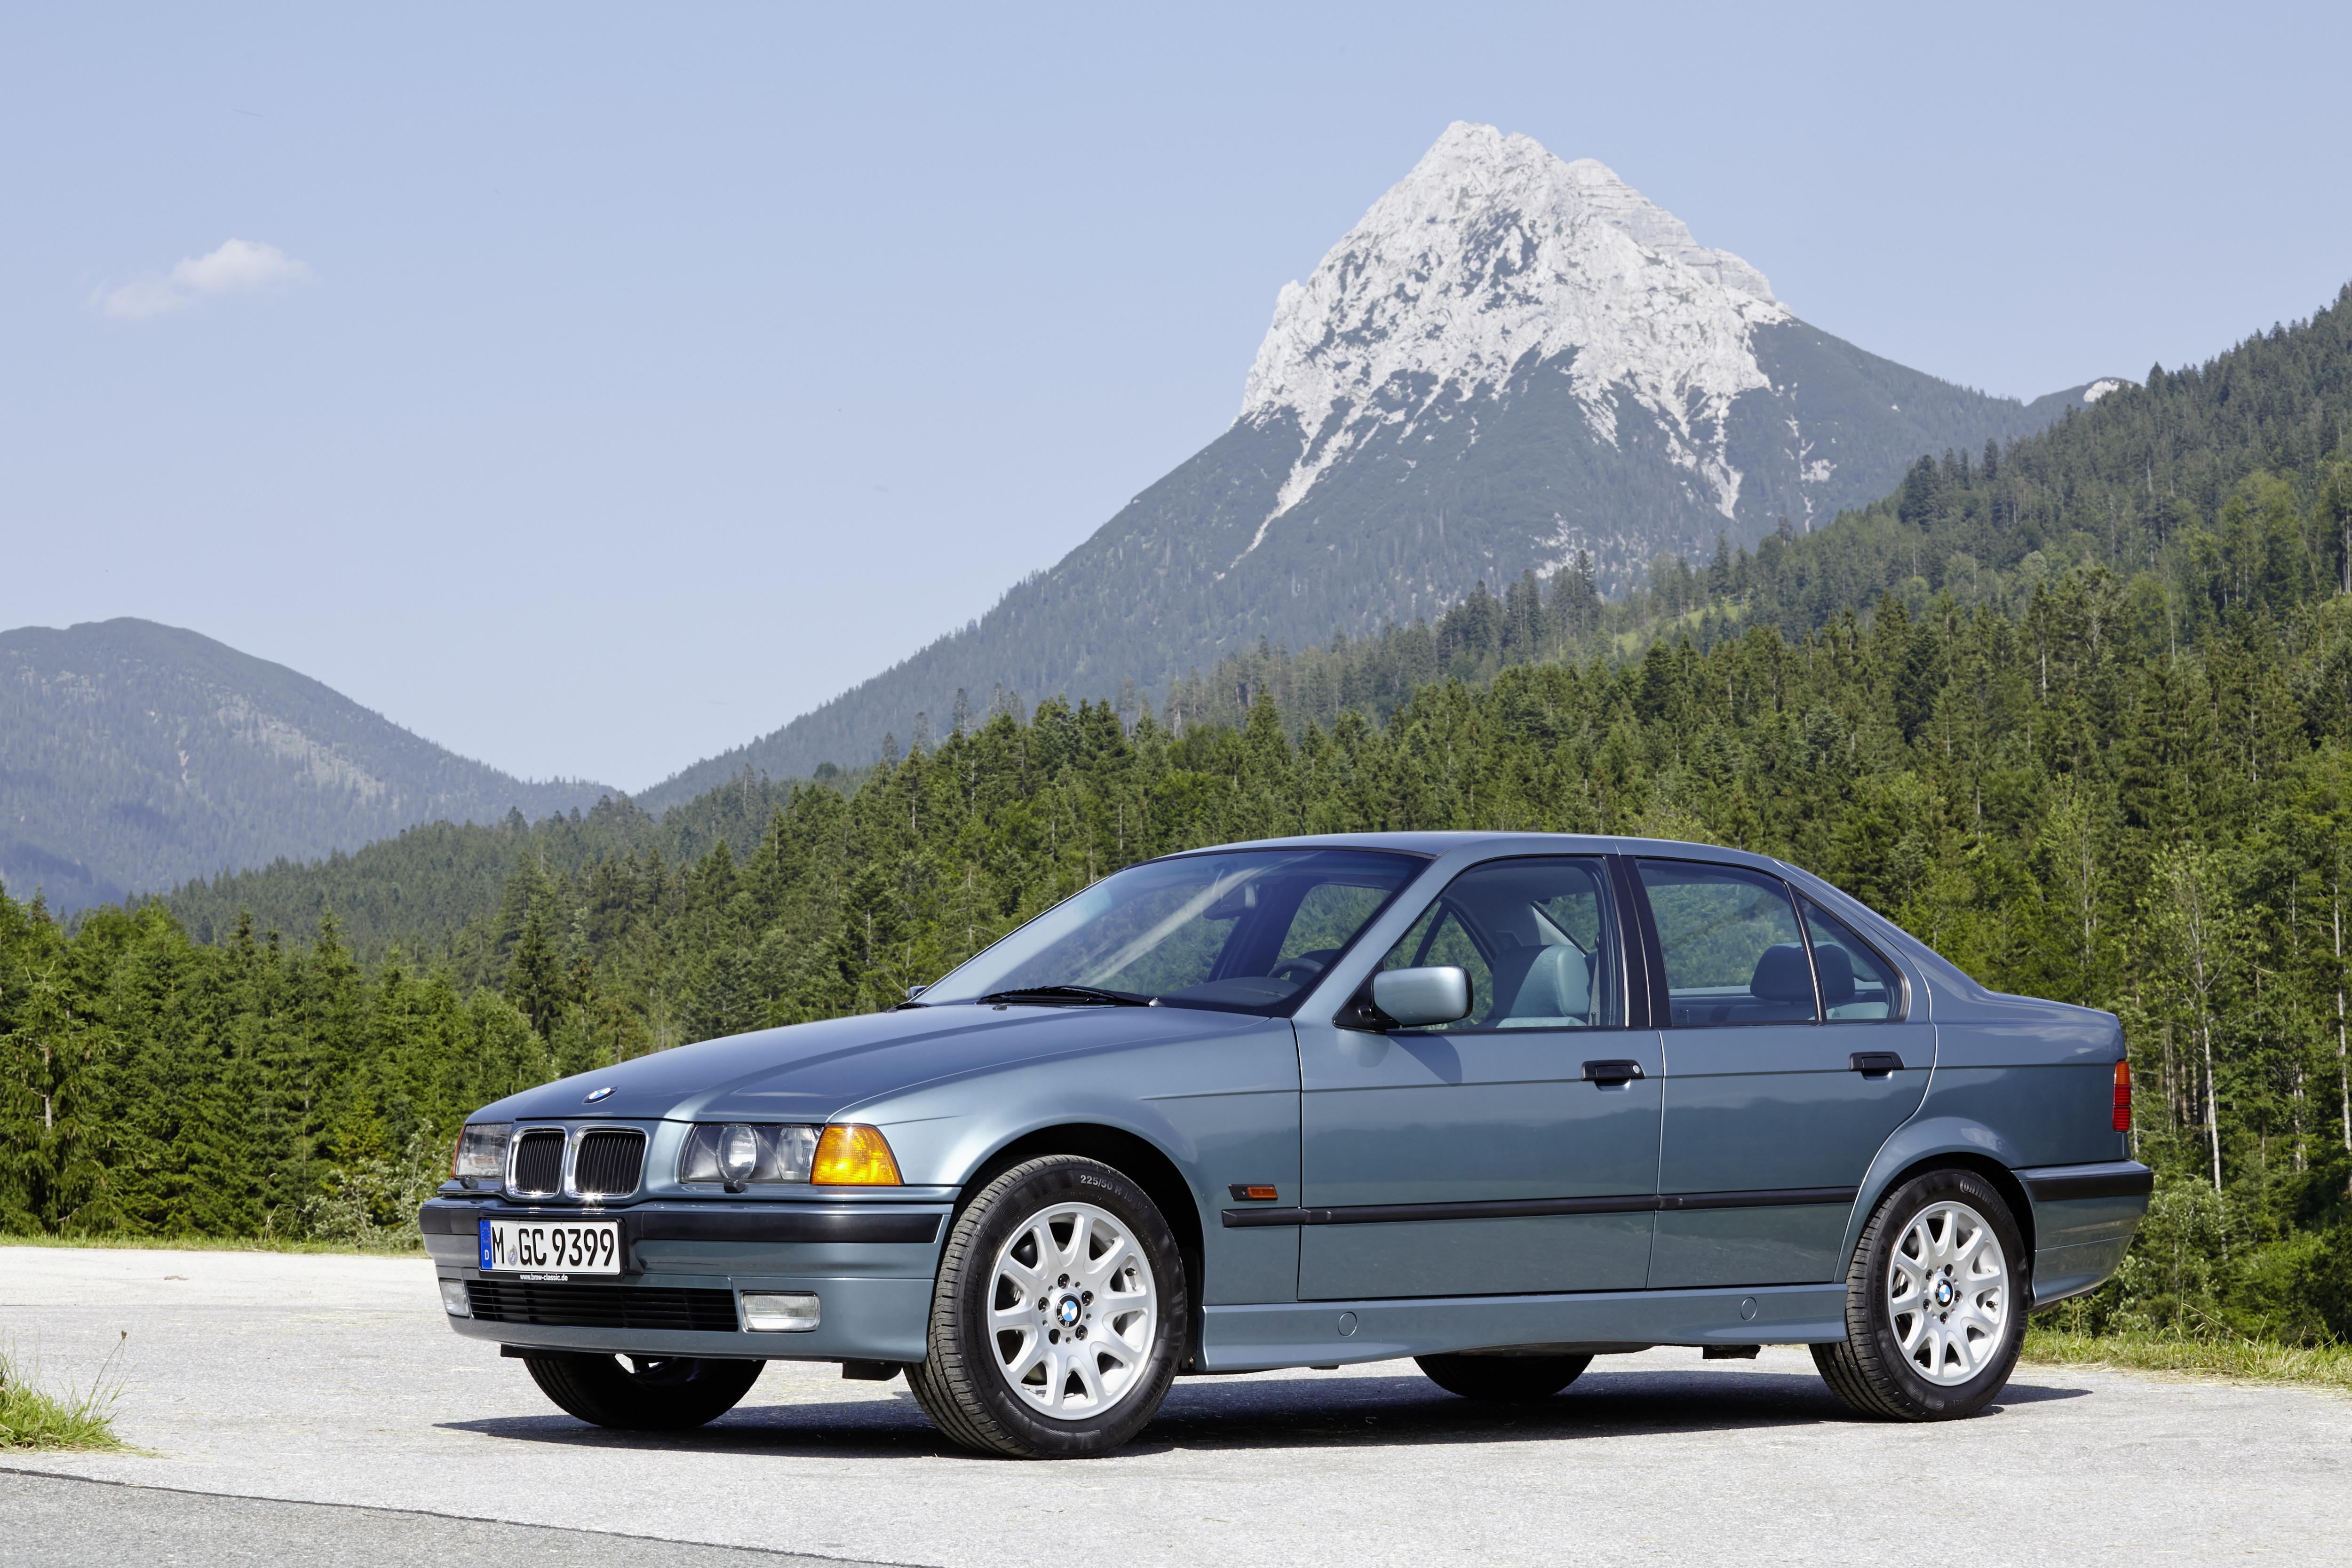 BMW Série 3 E36 alpes suíços